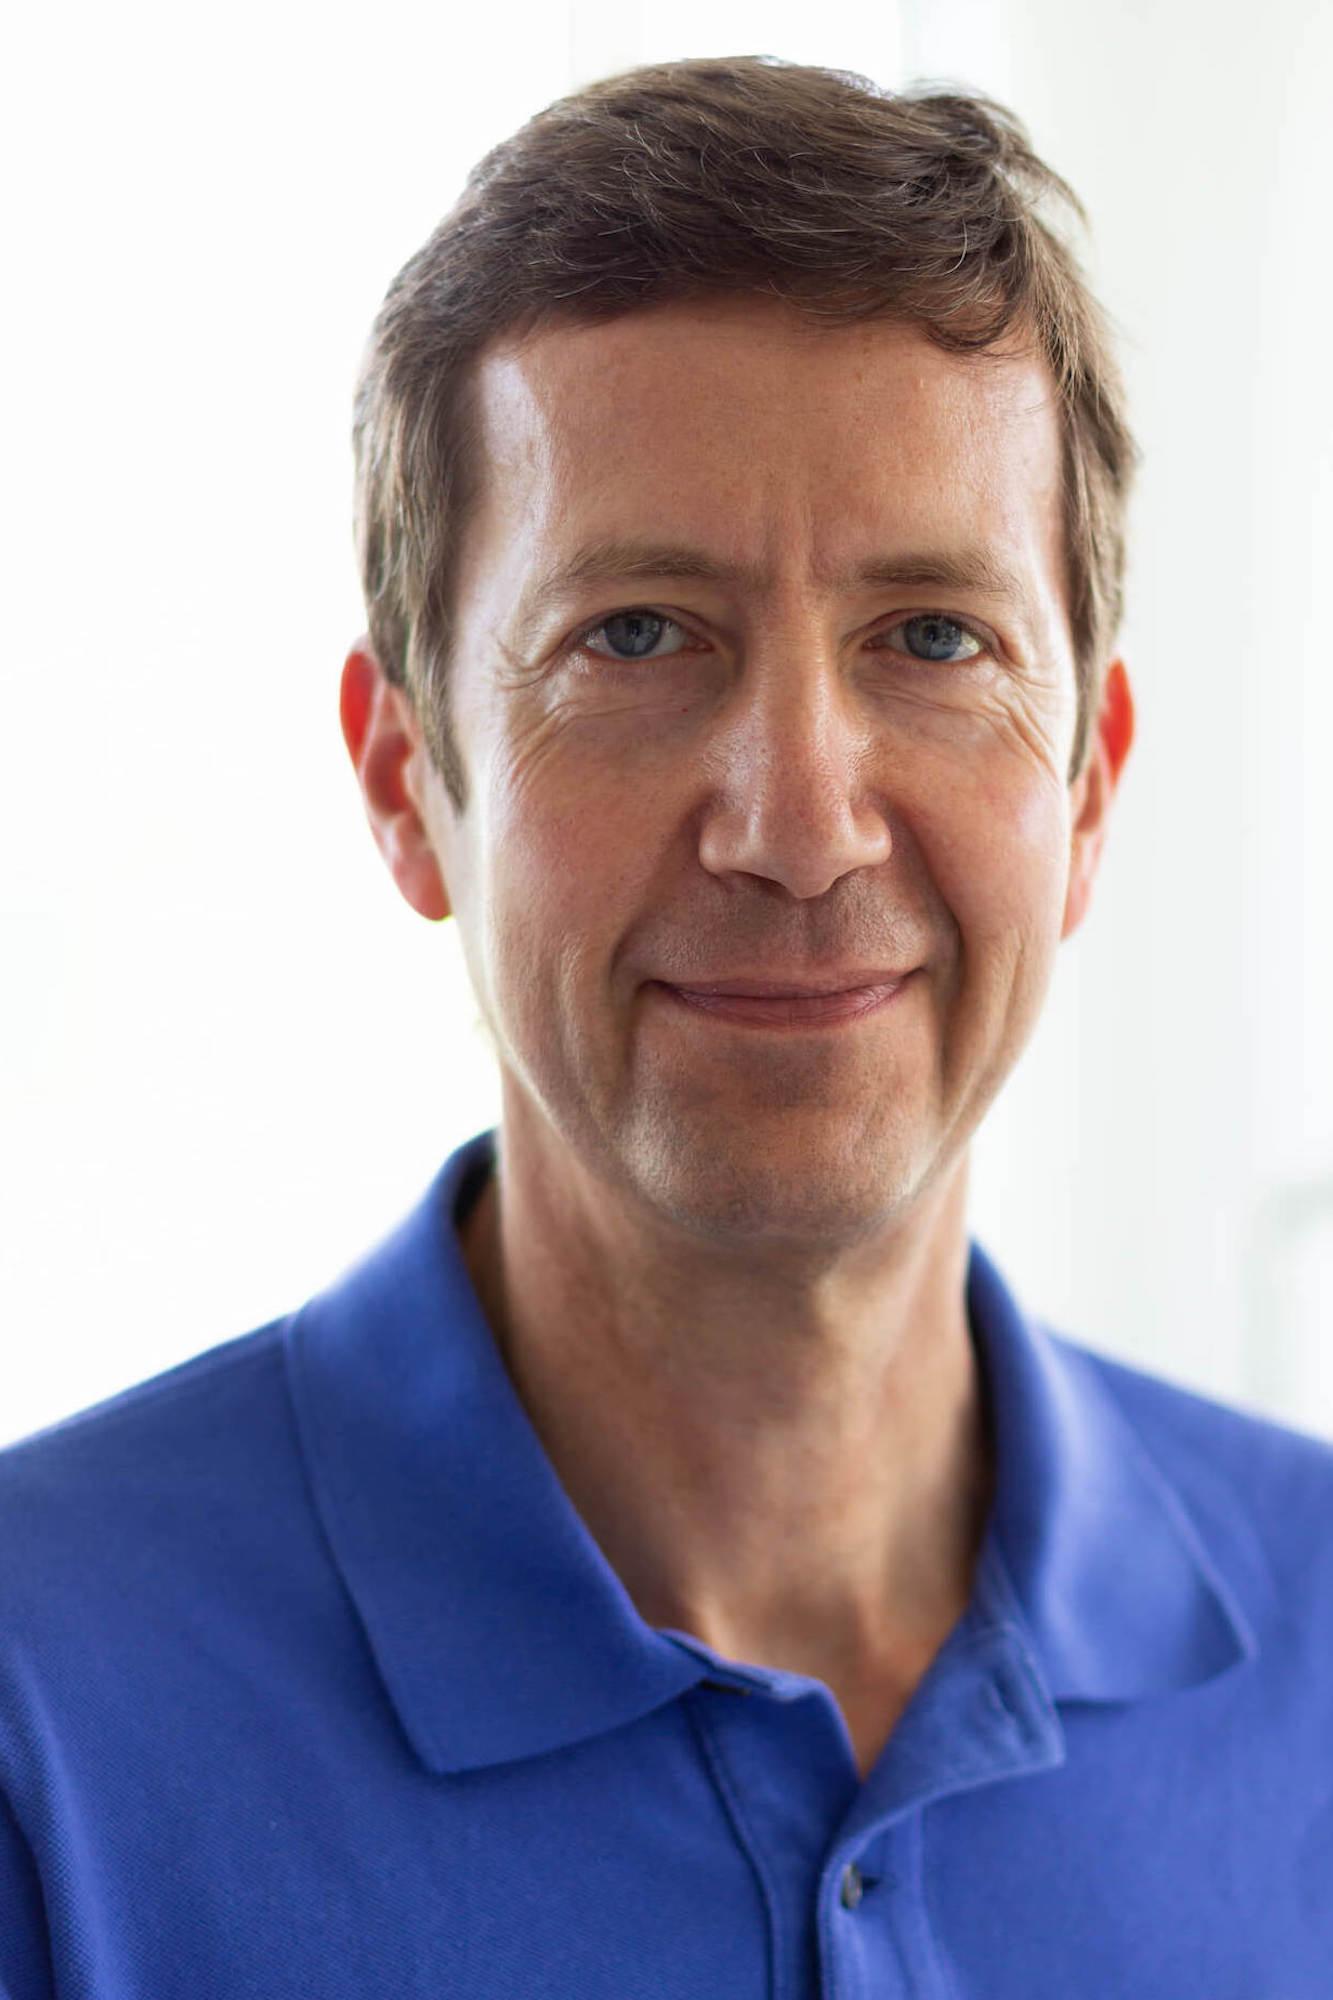 Kieferorthopäde Dr. Markus Henzler München Kieferorthopädie